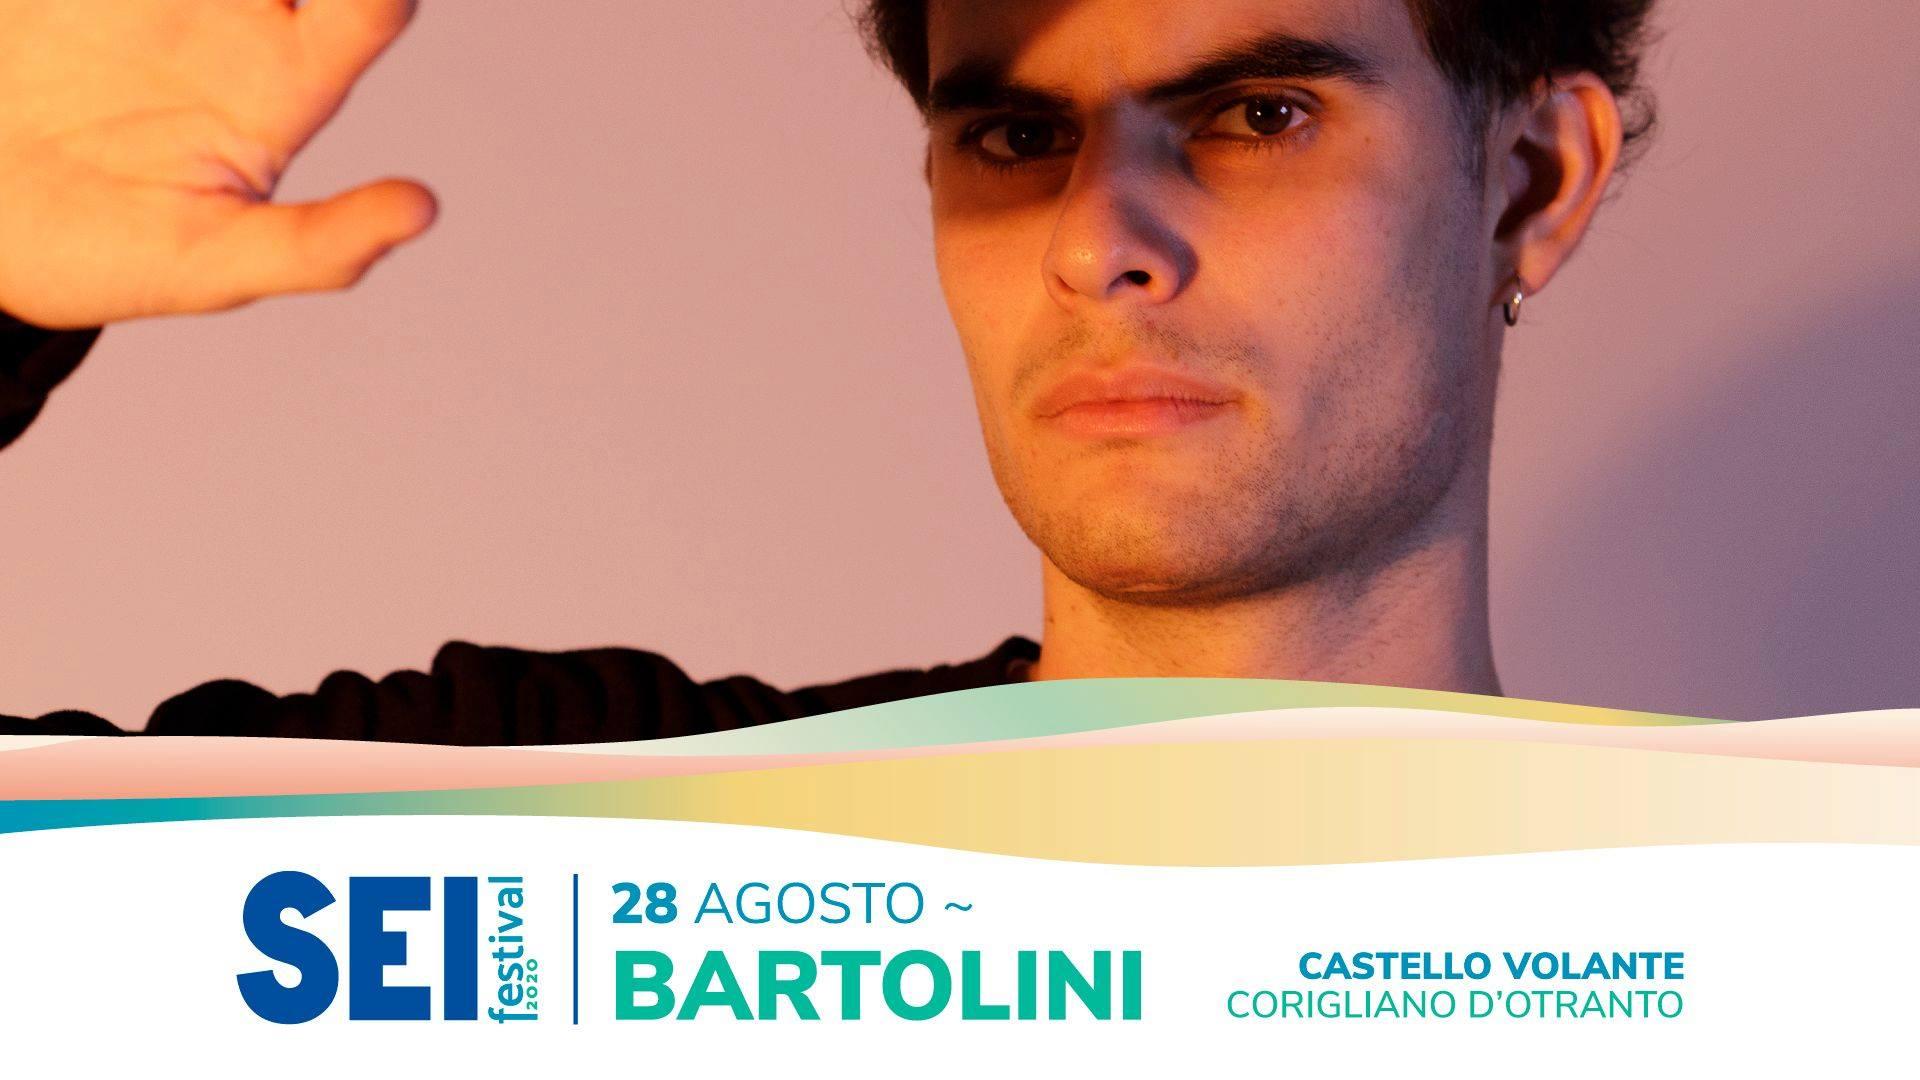 Bartolini, La Malasorte, live, concerti, Salento, SEI Festival